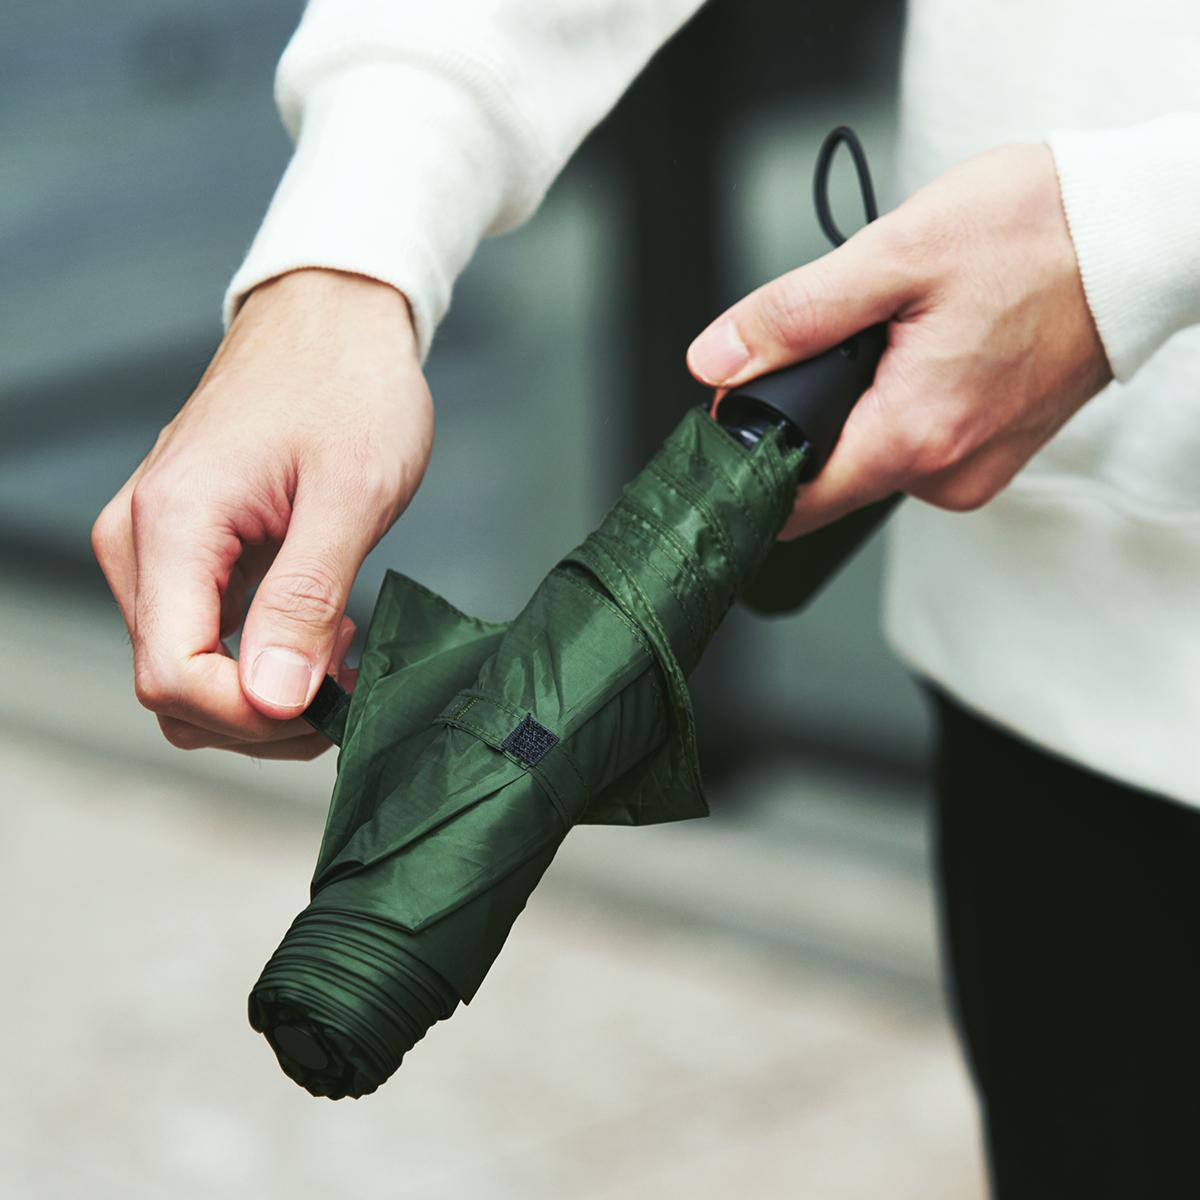 親指1本でカンタン開閉、なのに驚くほど軽い!風に強く、丈夫な構造の「ワンタッチ開閉式折りたたみ傘」|VERYKAL